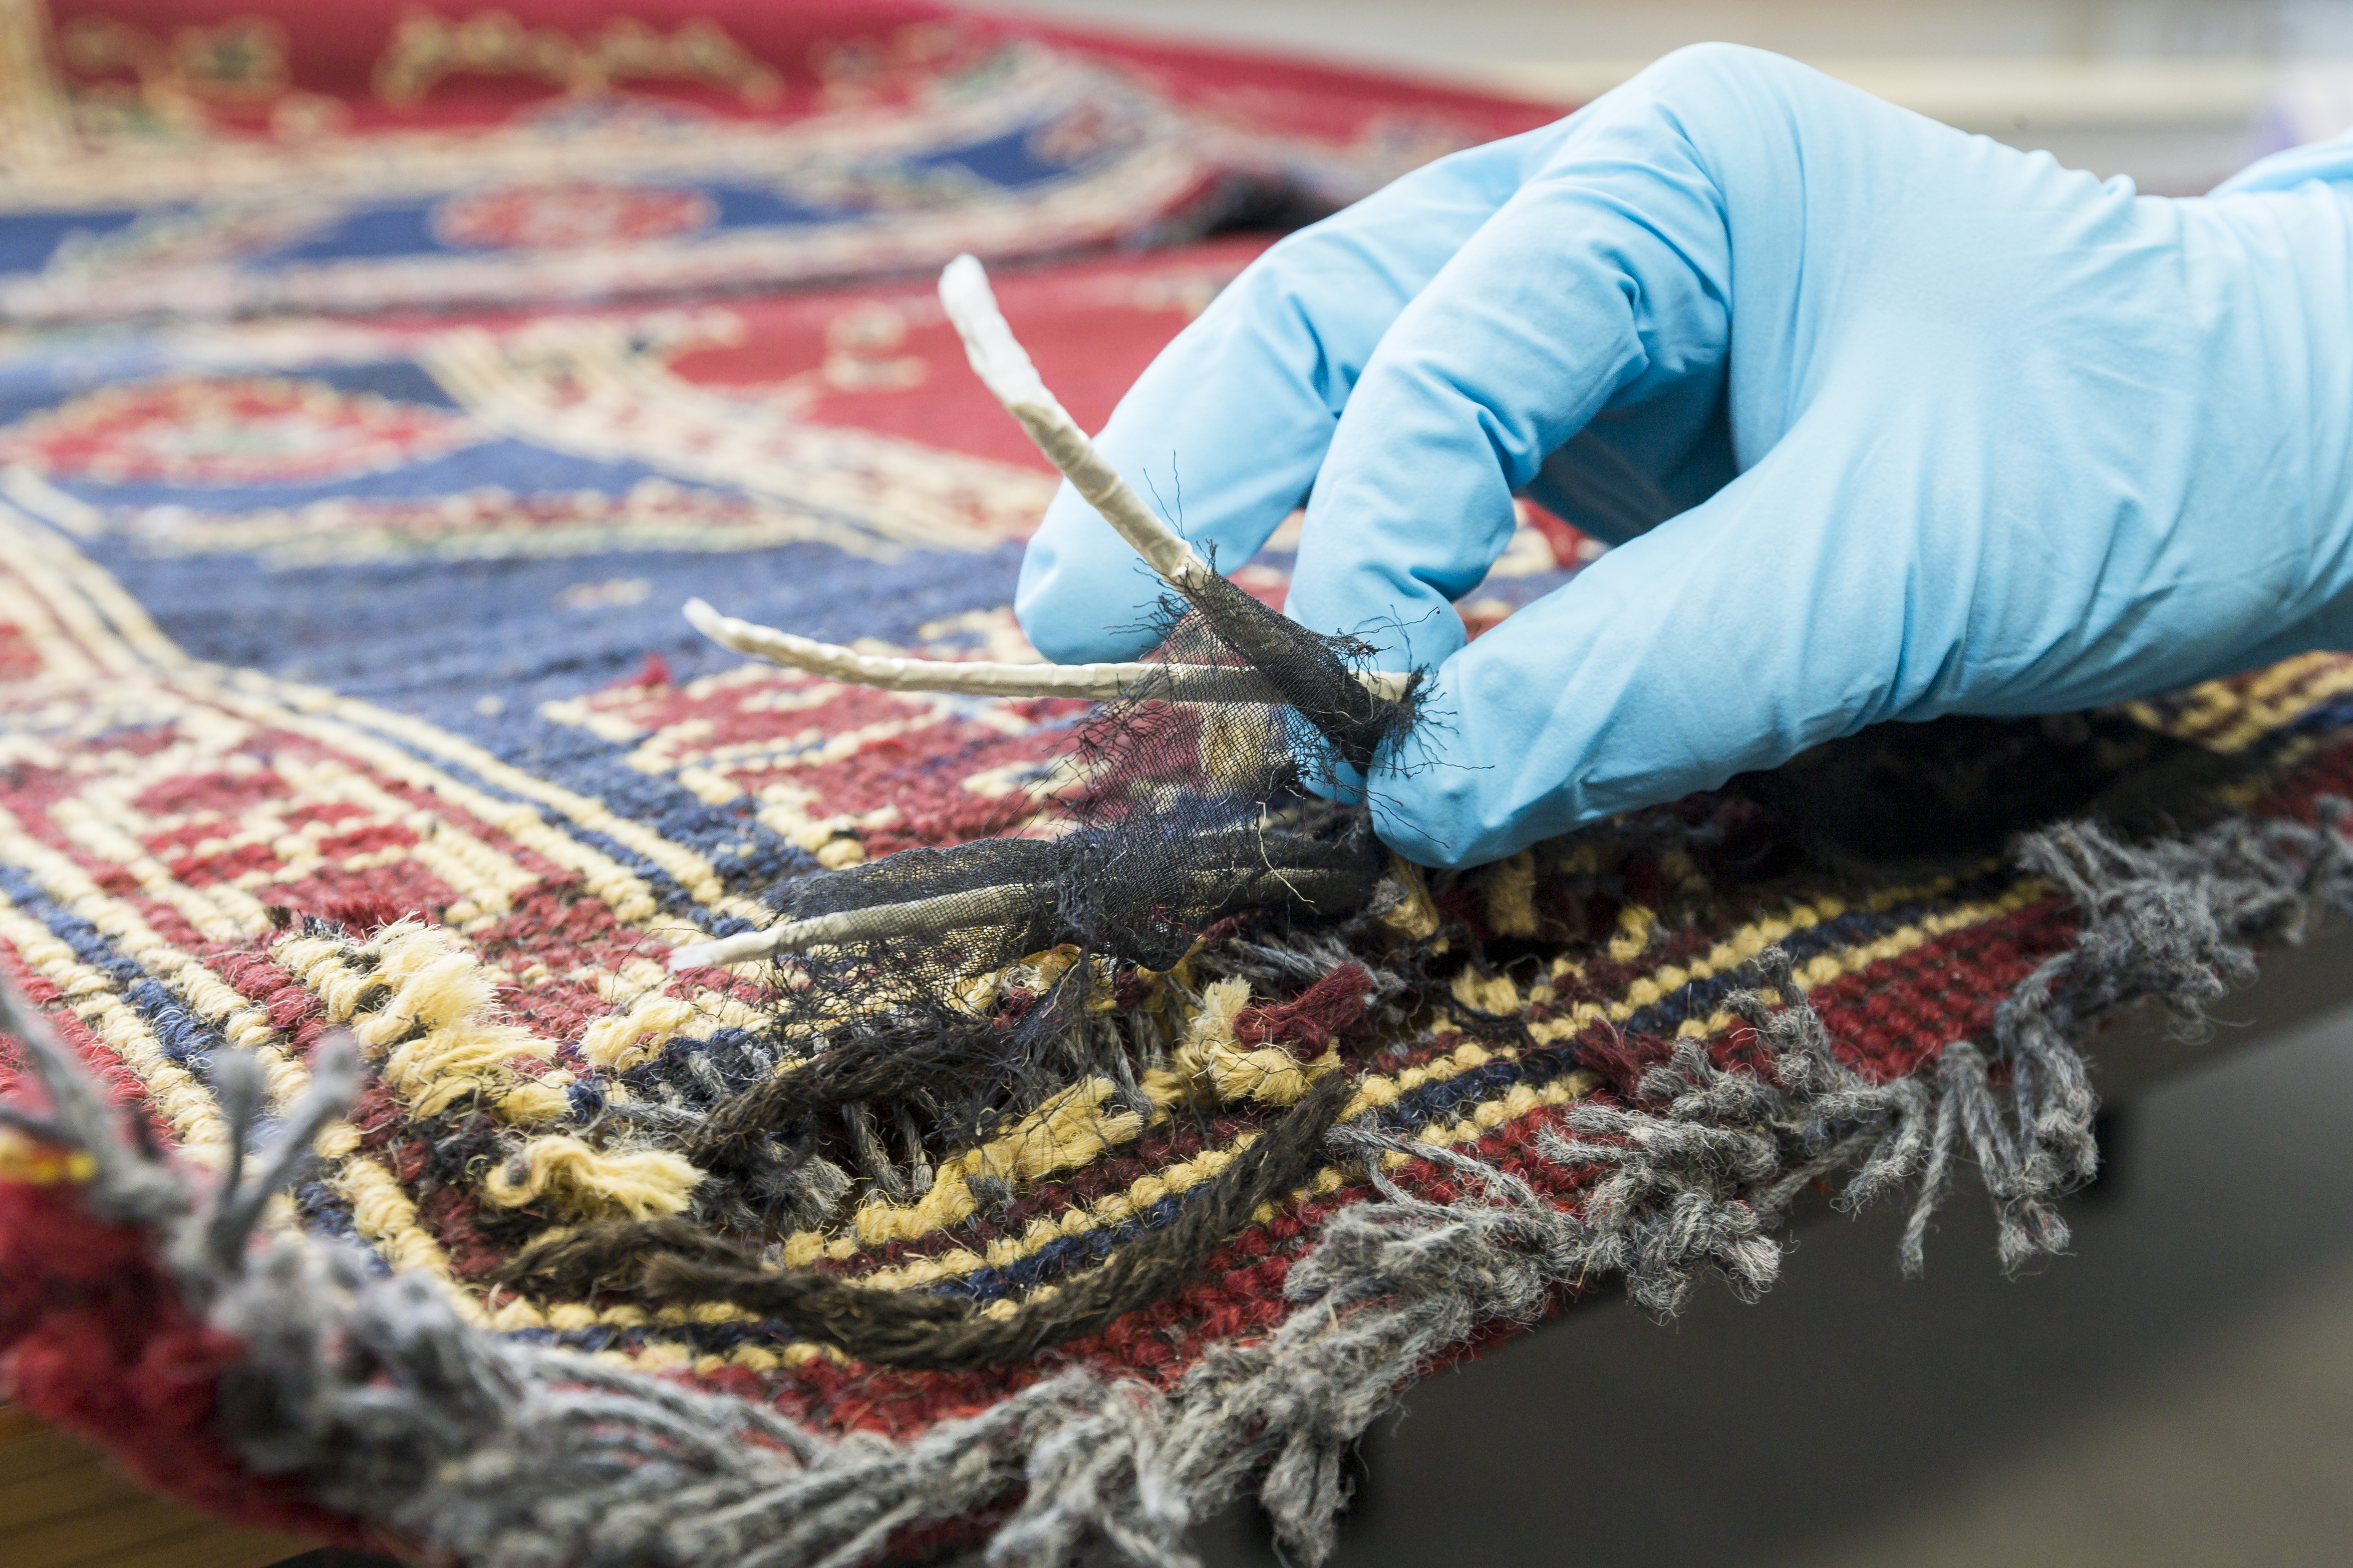 Kreatives Versteck: In einem Teppich transportierten Schmuggler 45 Kilo Heroin über die Grenze.